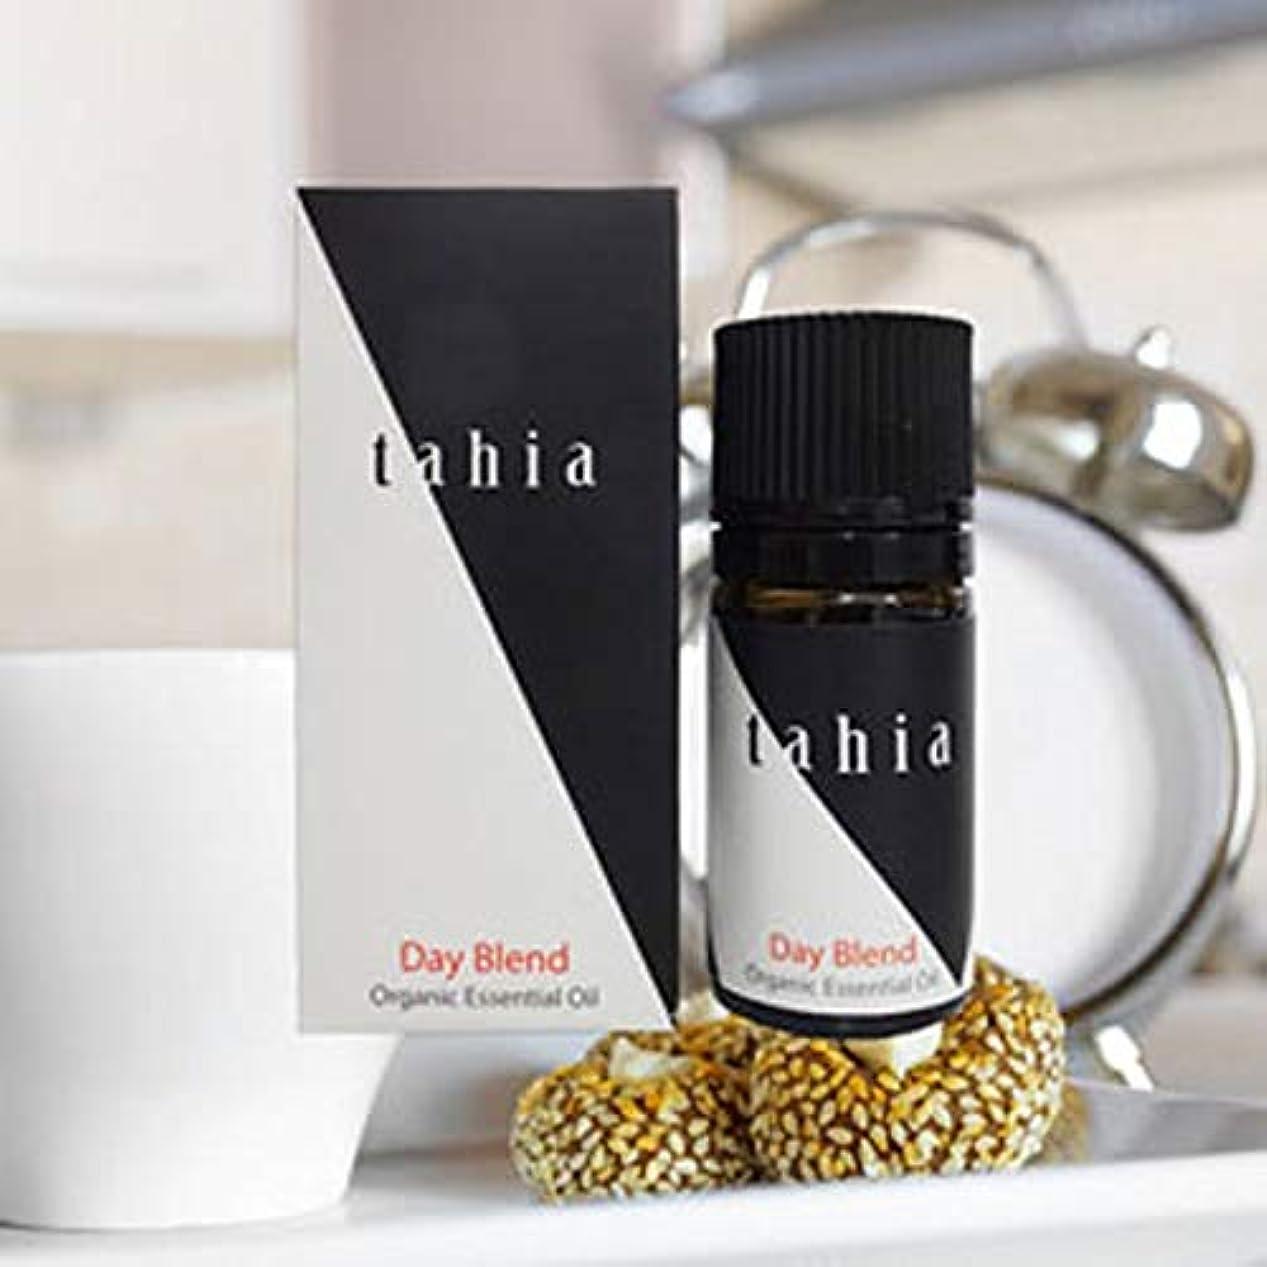 進化する別々に忠実タツフト タヒア tahia デイブレンド  エッセンシャルオイル オーガニック 芳香 精油